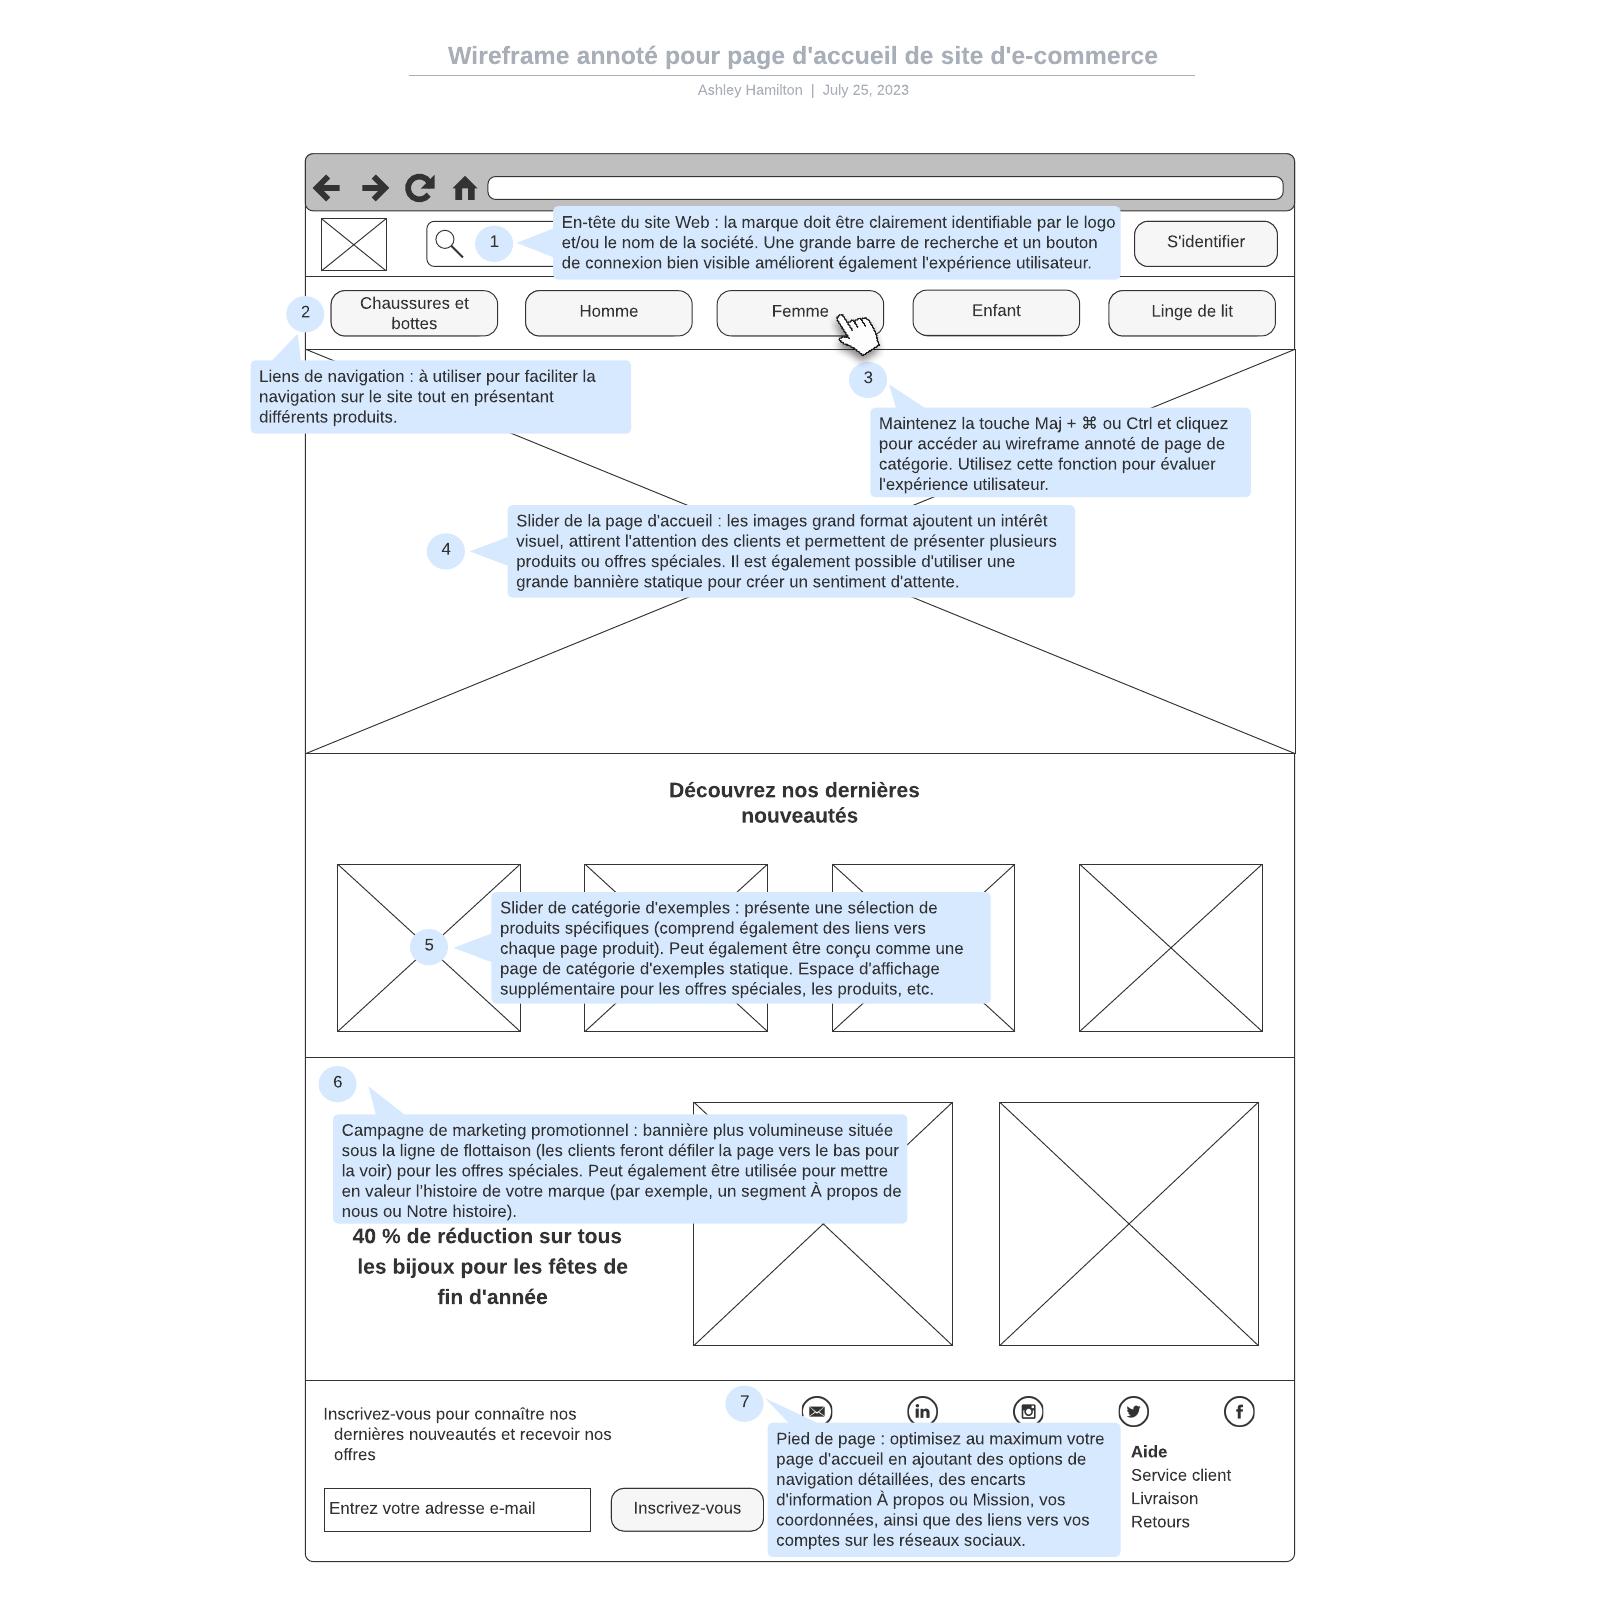 exemple de wireframe annoté pour page d'accueil de site d'e-commerce